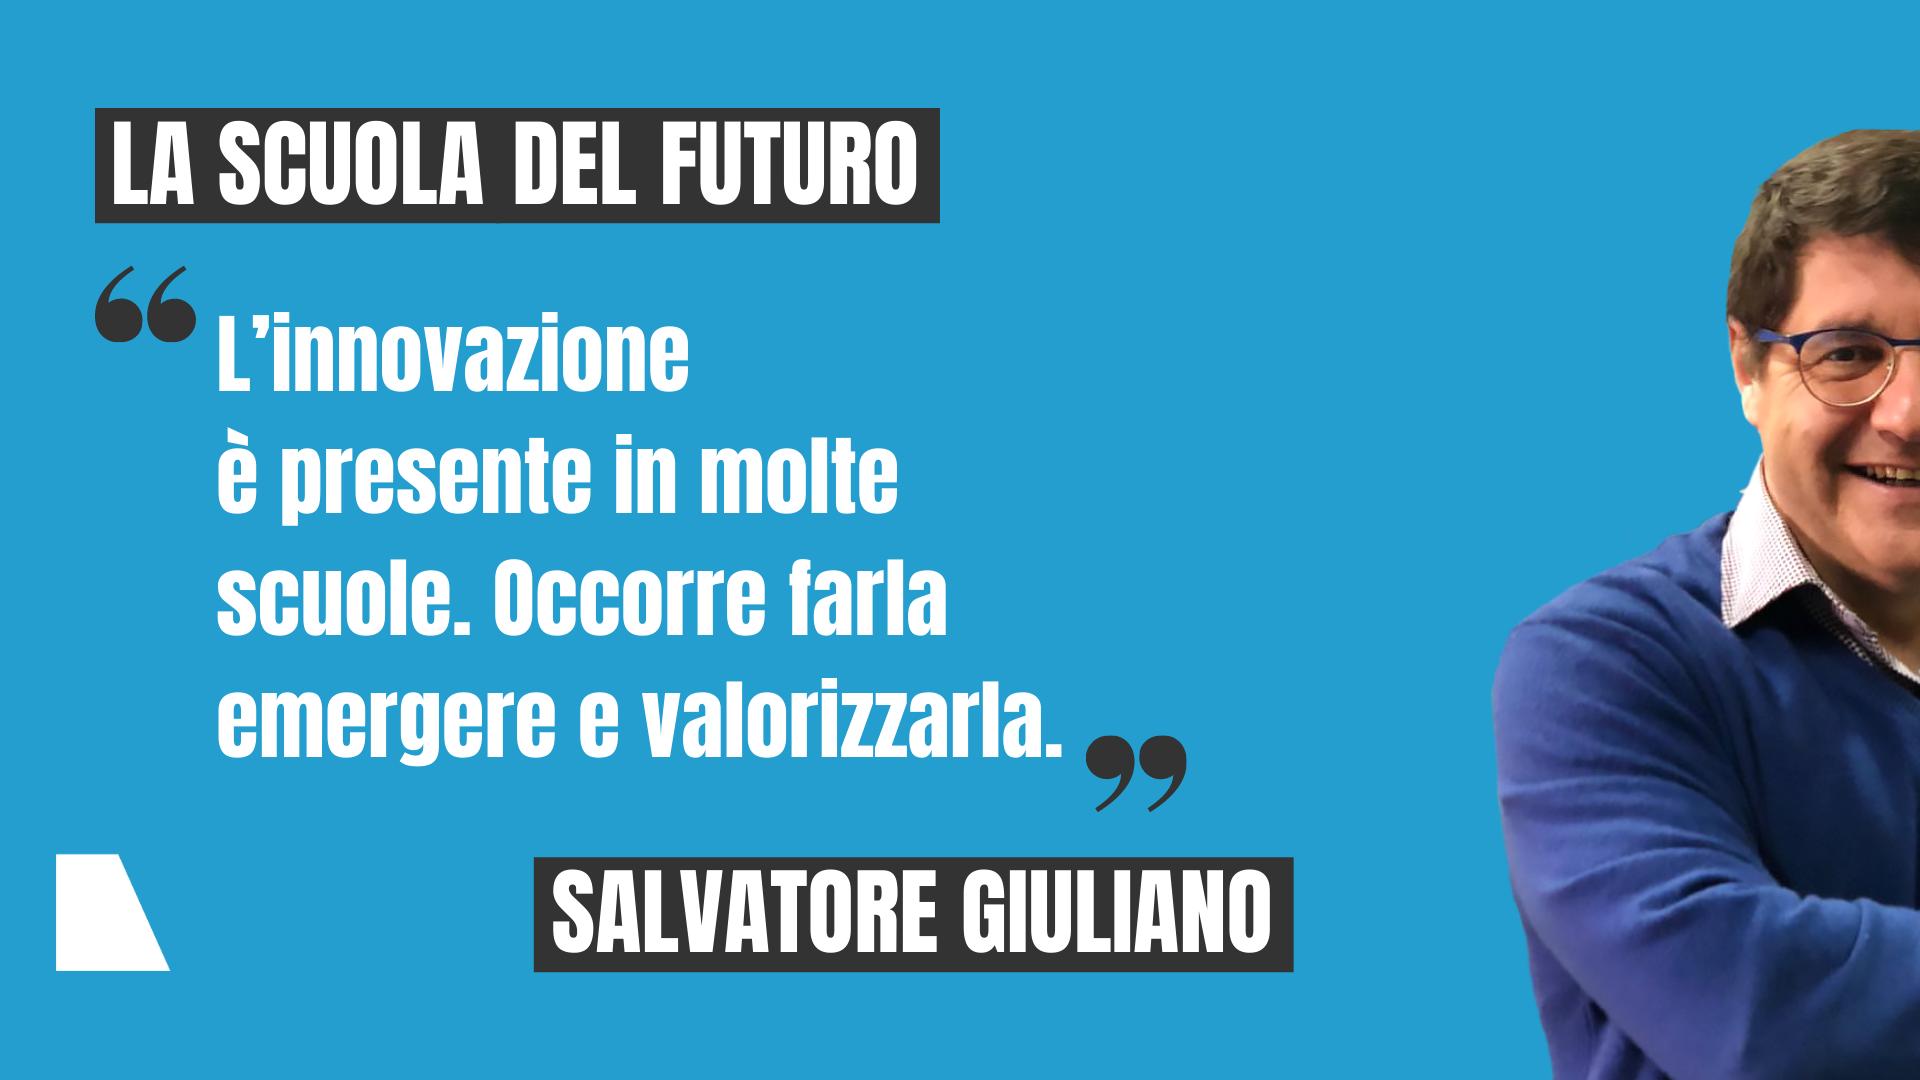 Salvatore Giuliano I.I.S.S. Majorana Brindisi